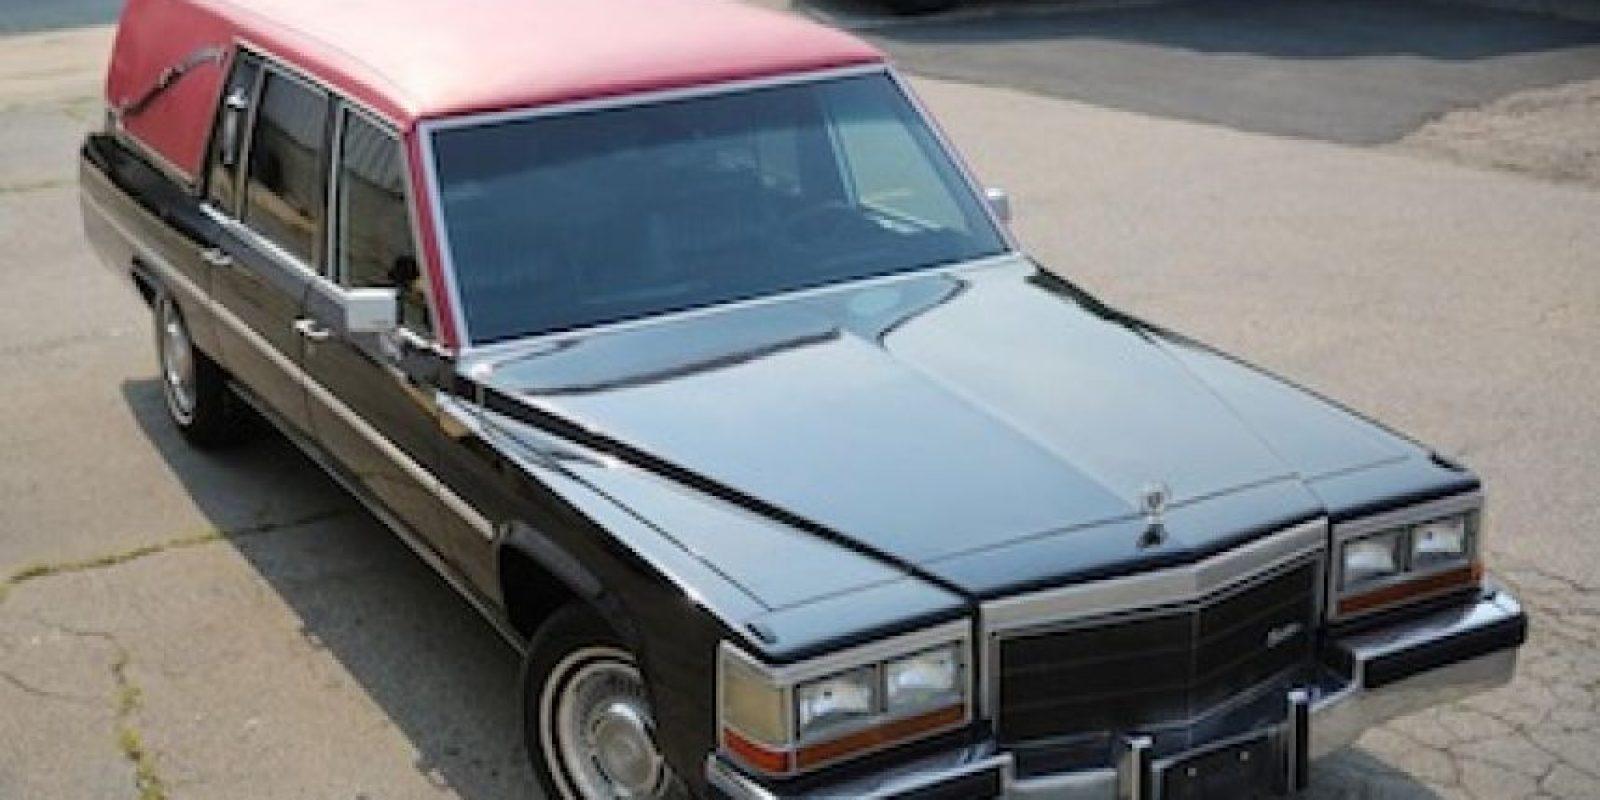 """Paul Feig, director de la película, reveló la primera imagen del nuevo auto de """"Las Cazafantasmas"""" Foto:Twitter/Paulfeig"""